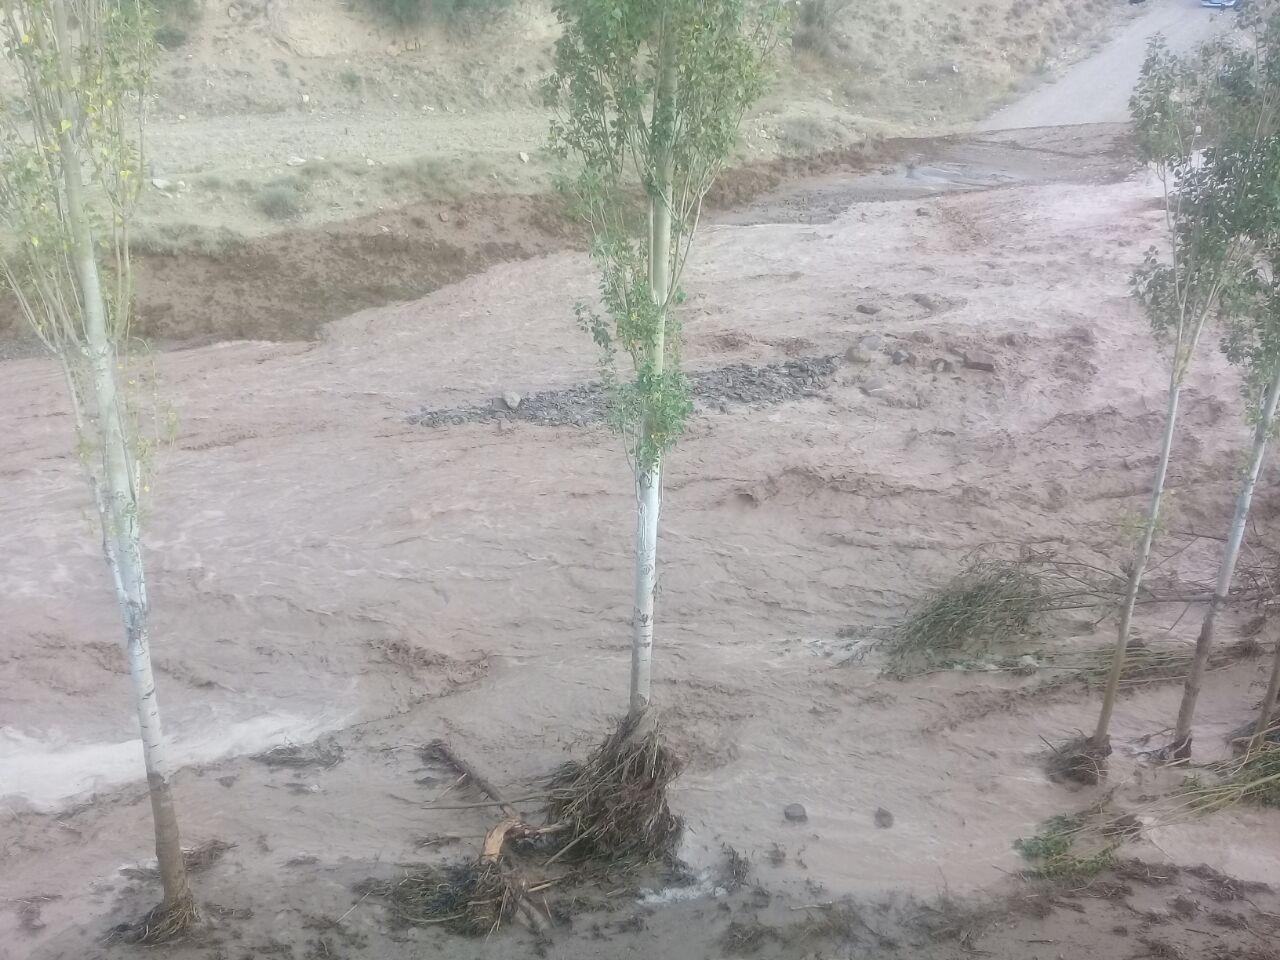 احتمال وقوع سیل در مناطق کوهستانی مازندران تا روز دوشنبه